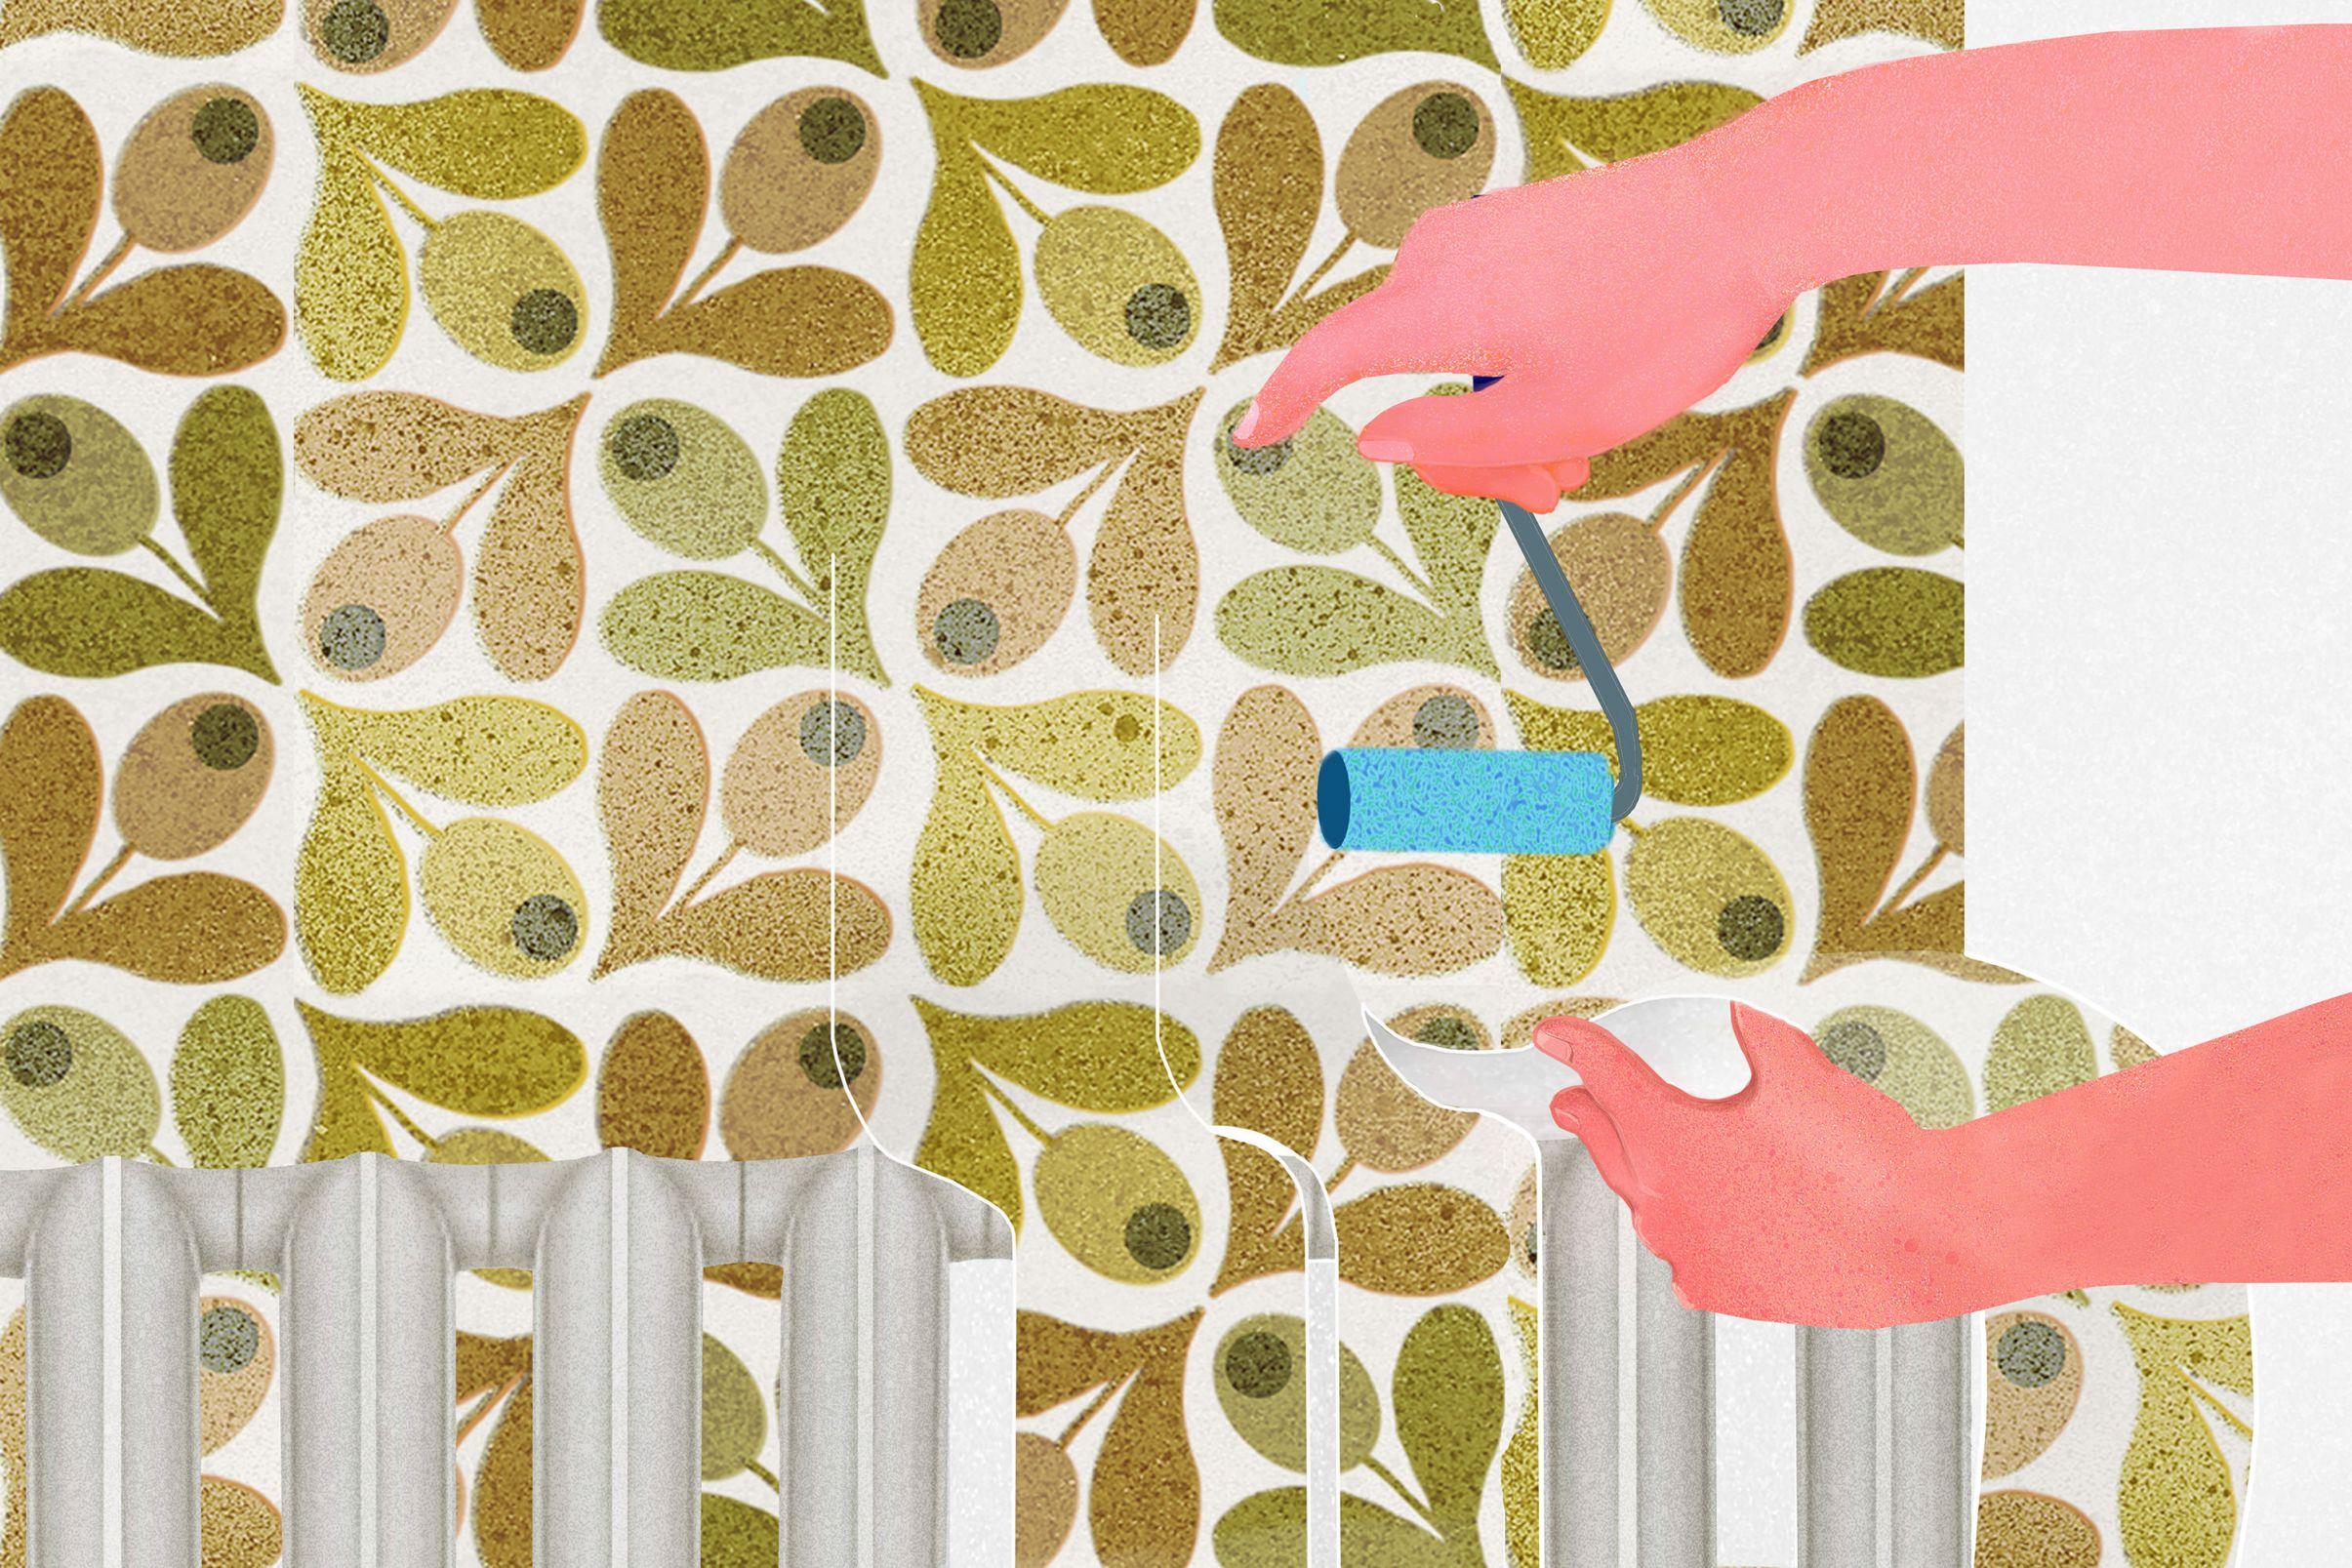 Como-empapelar-detras-de-radiadores-Cortar-franjas-individuales-y-empapelar-la-pared